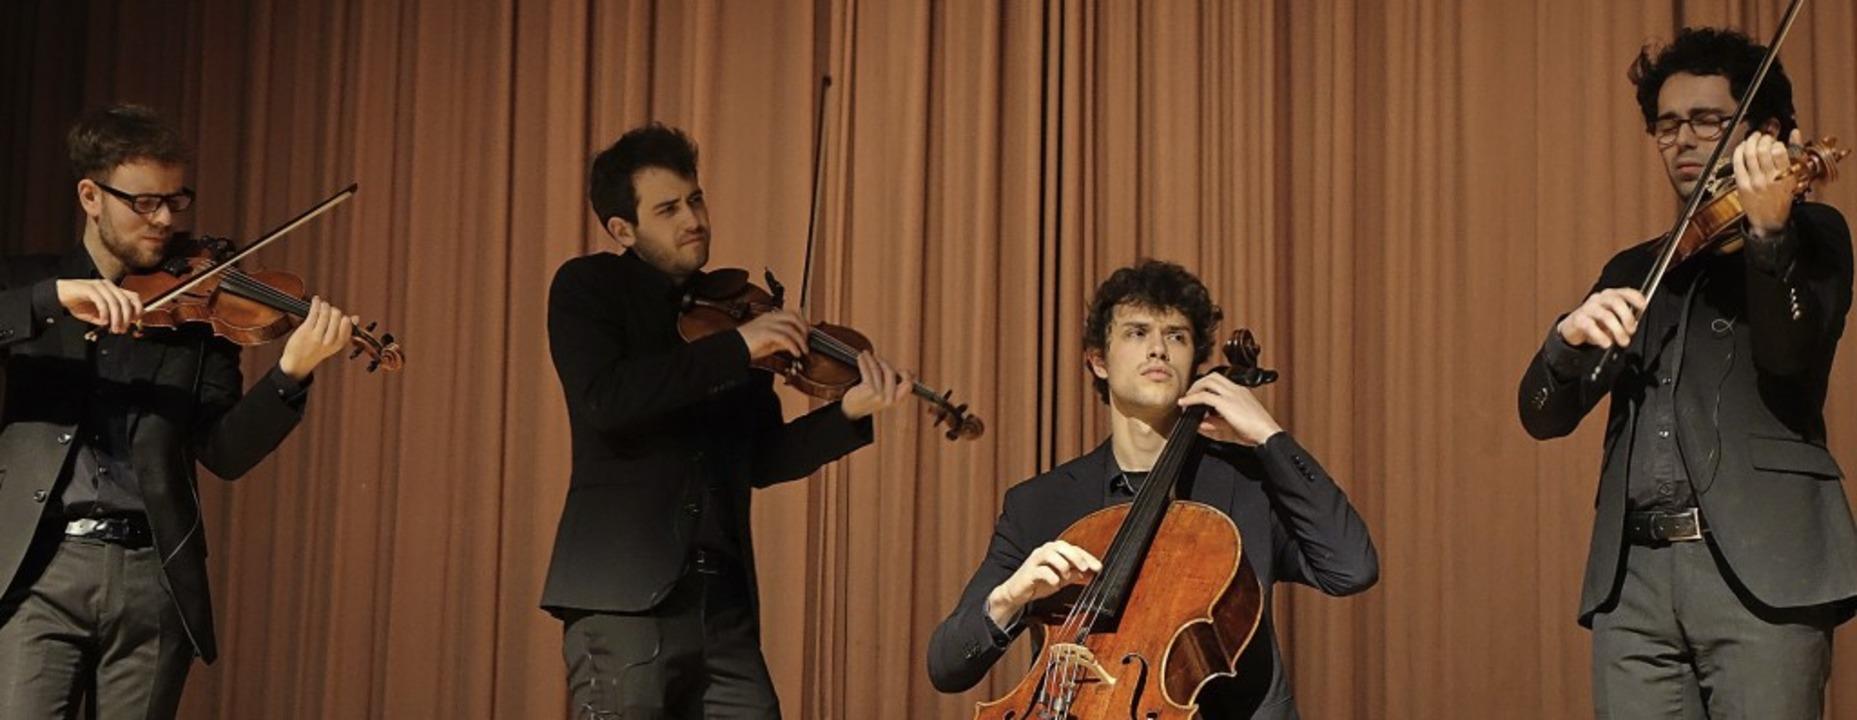 Das gefragte Vision String Quartet aus...-Abenden in den Kursaal Bad Säckingen.  | Foto: Roswitha Frey